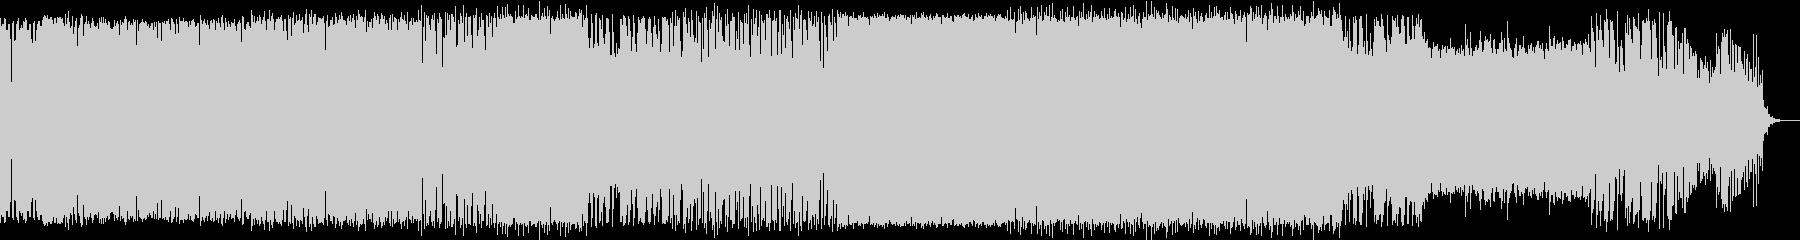 シンセソロ入りの深海イメージ曲の未再生の波形